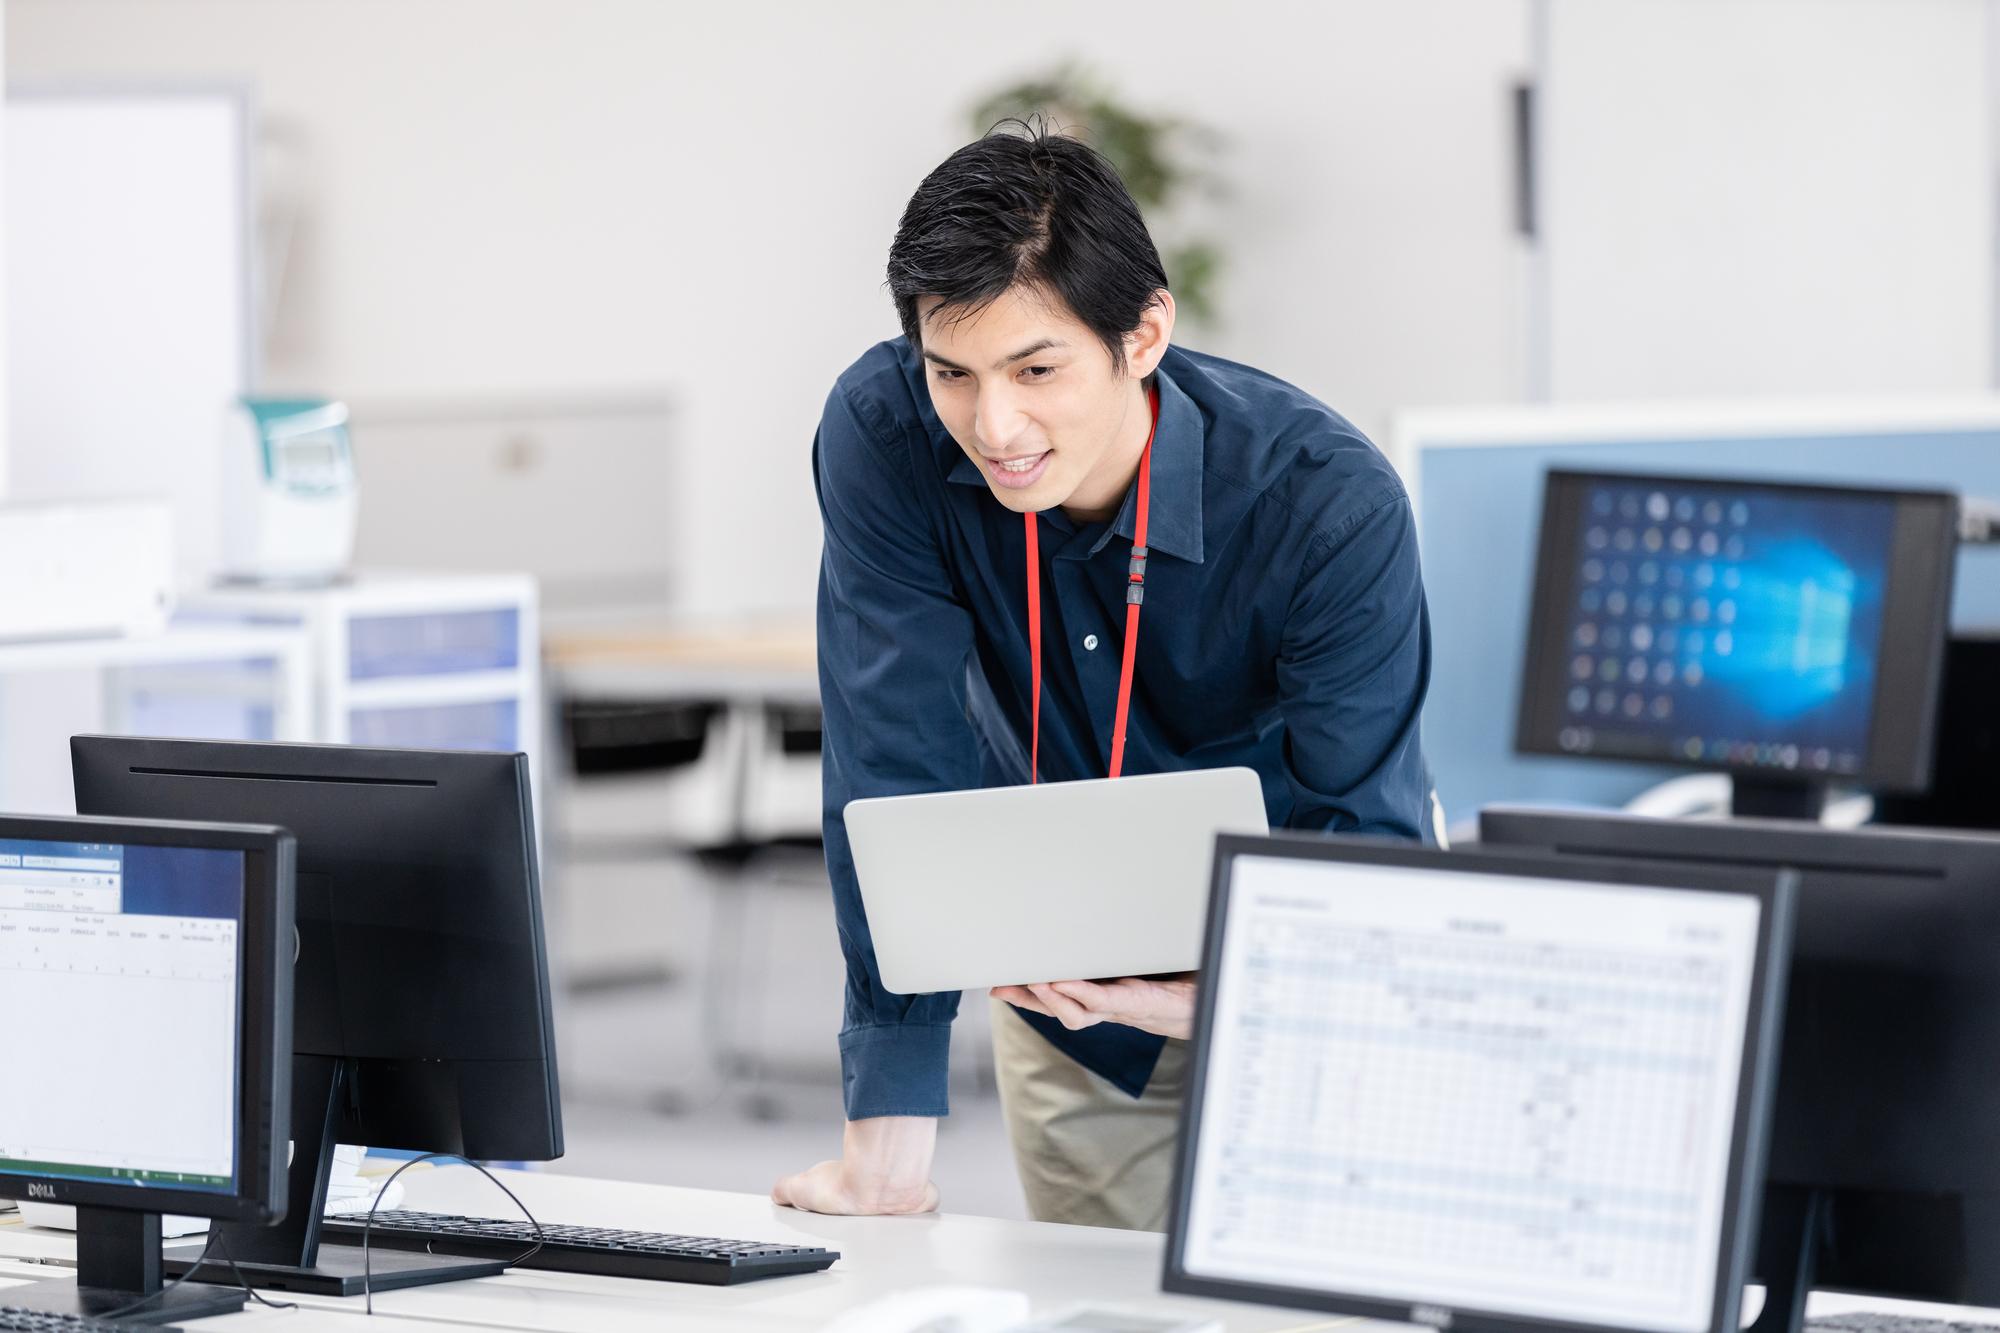 システムエンジニアになりたい!必要なスキルや転職方法を解説!